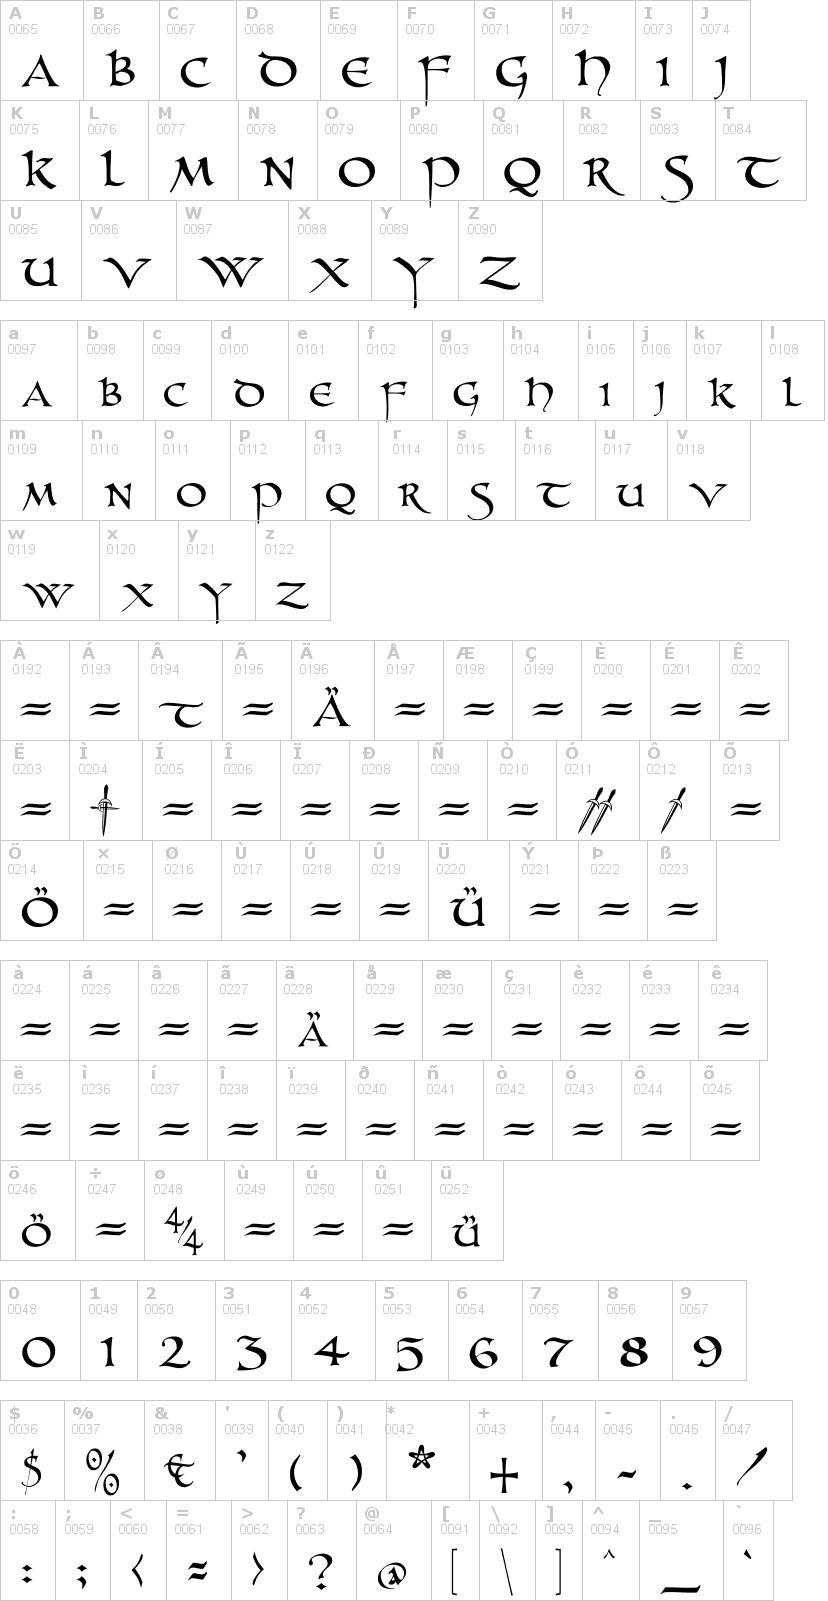 Lettere dell'alfabeto del font unzialish con le quali è possibile realizzare adesivi prespaziati